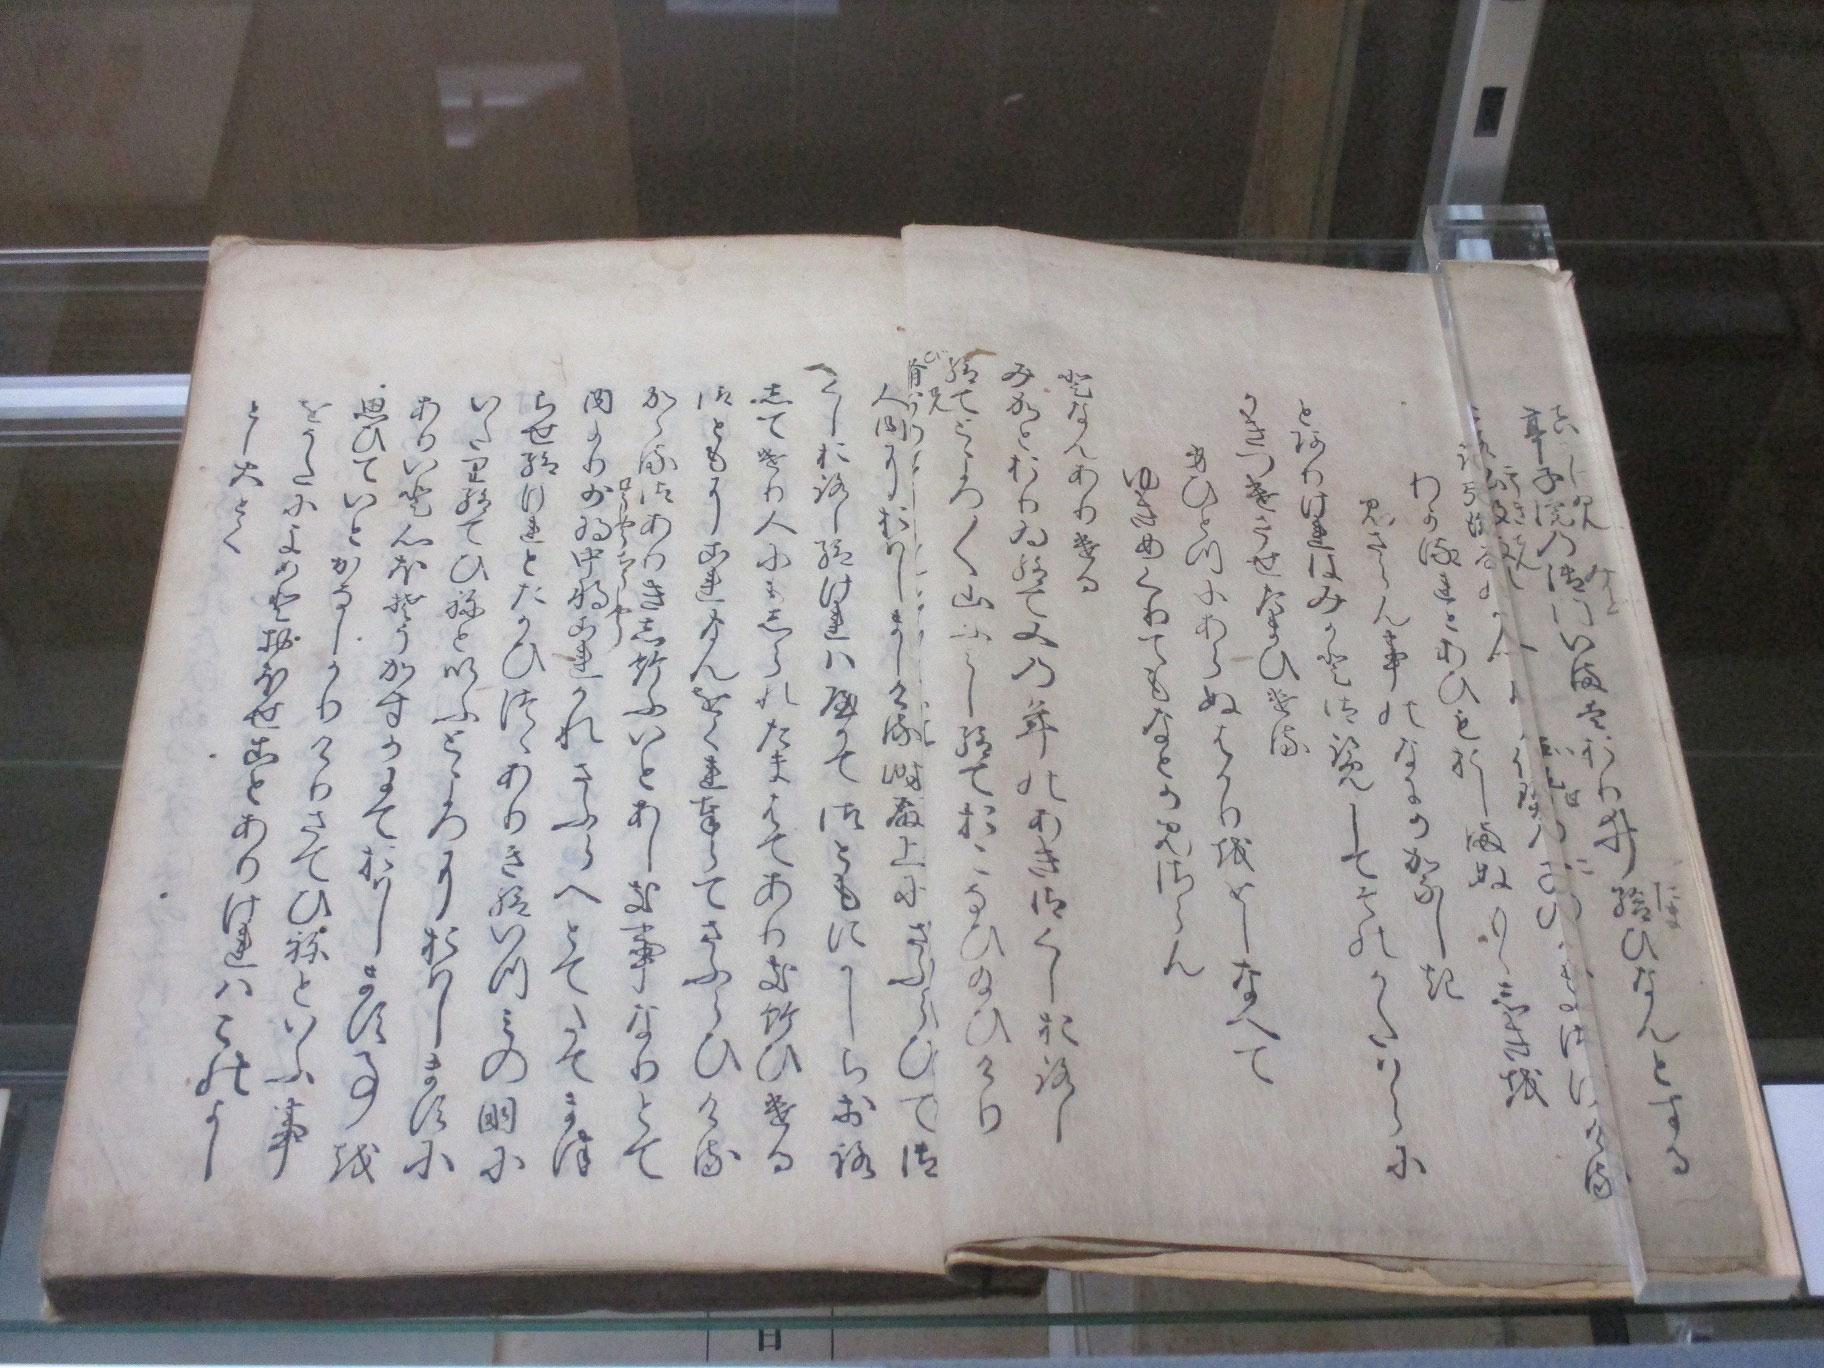 江戸初期の古活字本『大和物語』